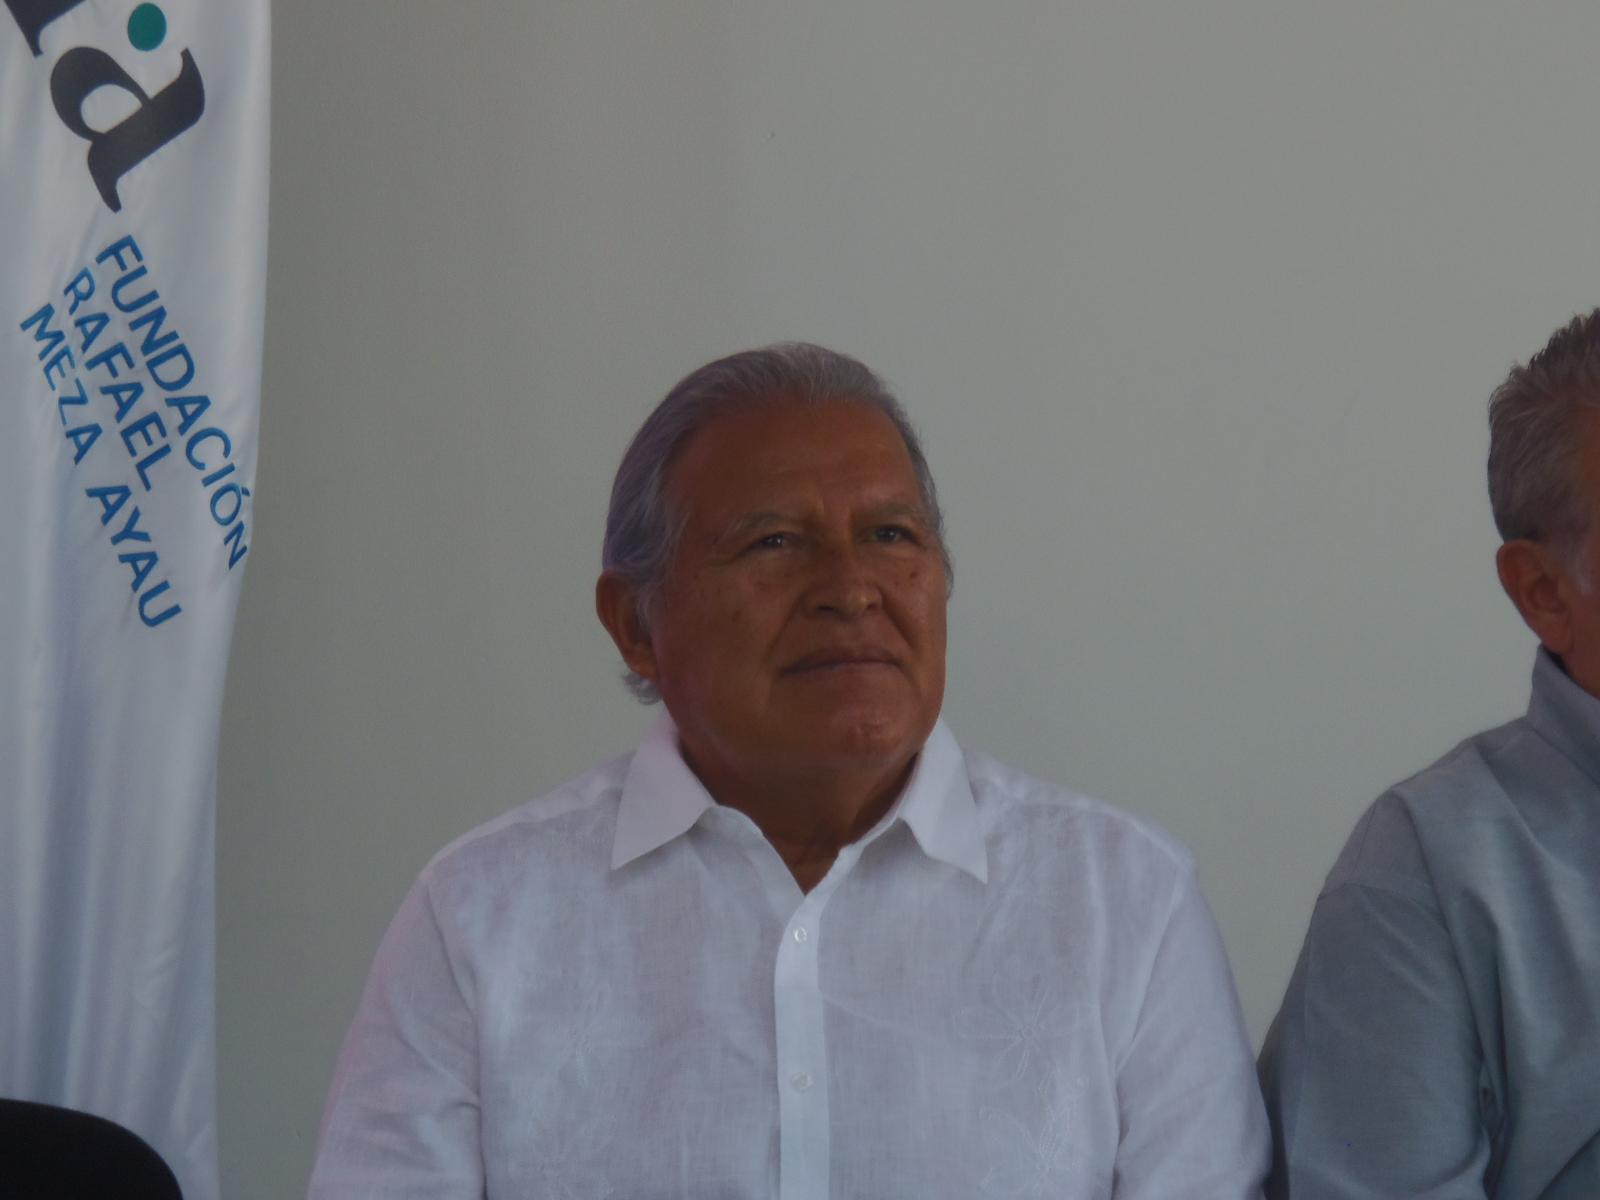 Estos son los nuevos cambios en el Gobierno del presidente Sánchez Cerén